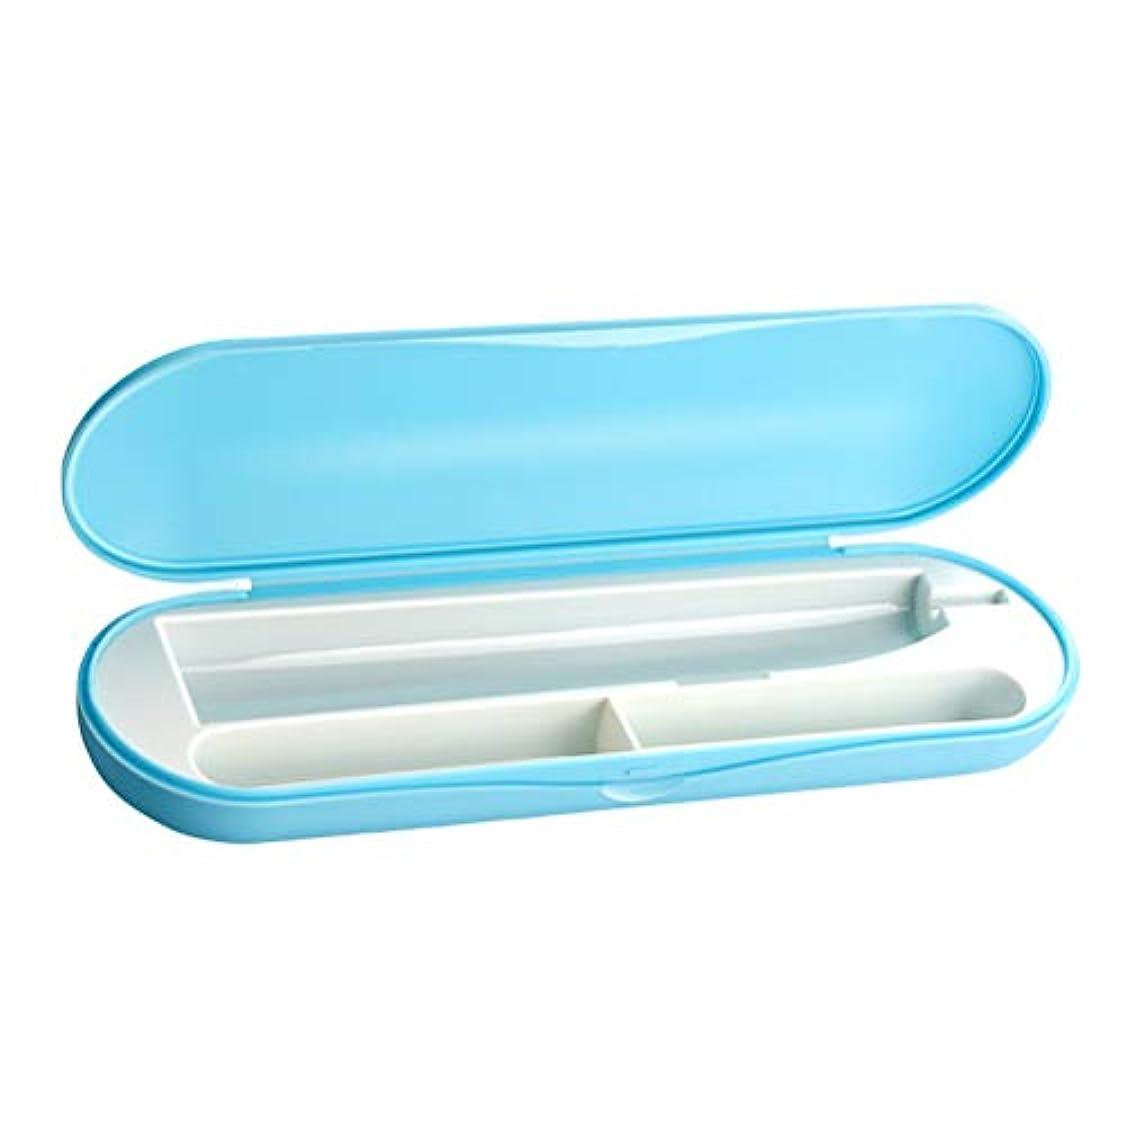 おとうさんコンサルタント穴Healifty ポータブル電動歯ブラシケース歯磨き粉旅行キャンプ収納ホルダーボックス(ブルー)